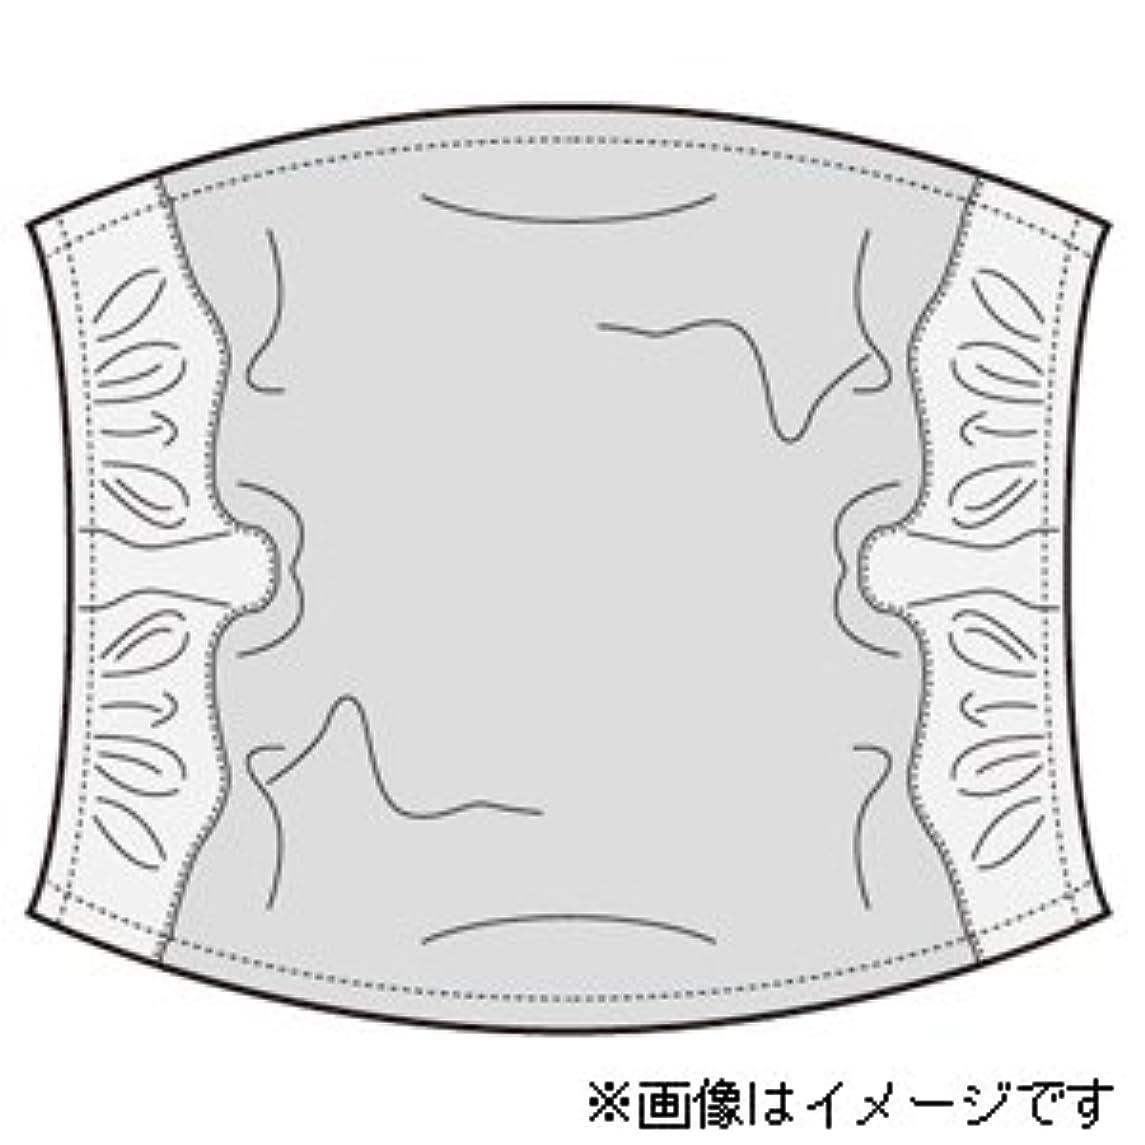 白鳥状態バウンドオムロン 交換カバー HM-231-COVER